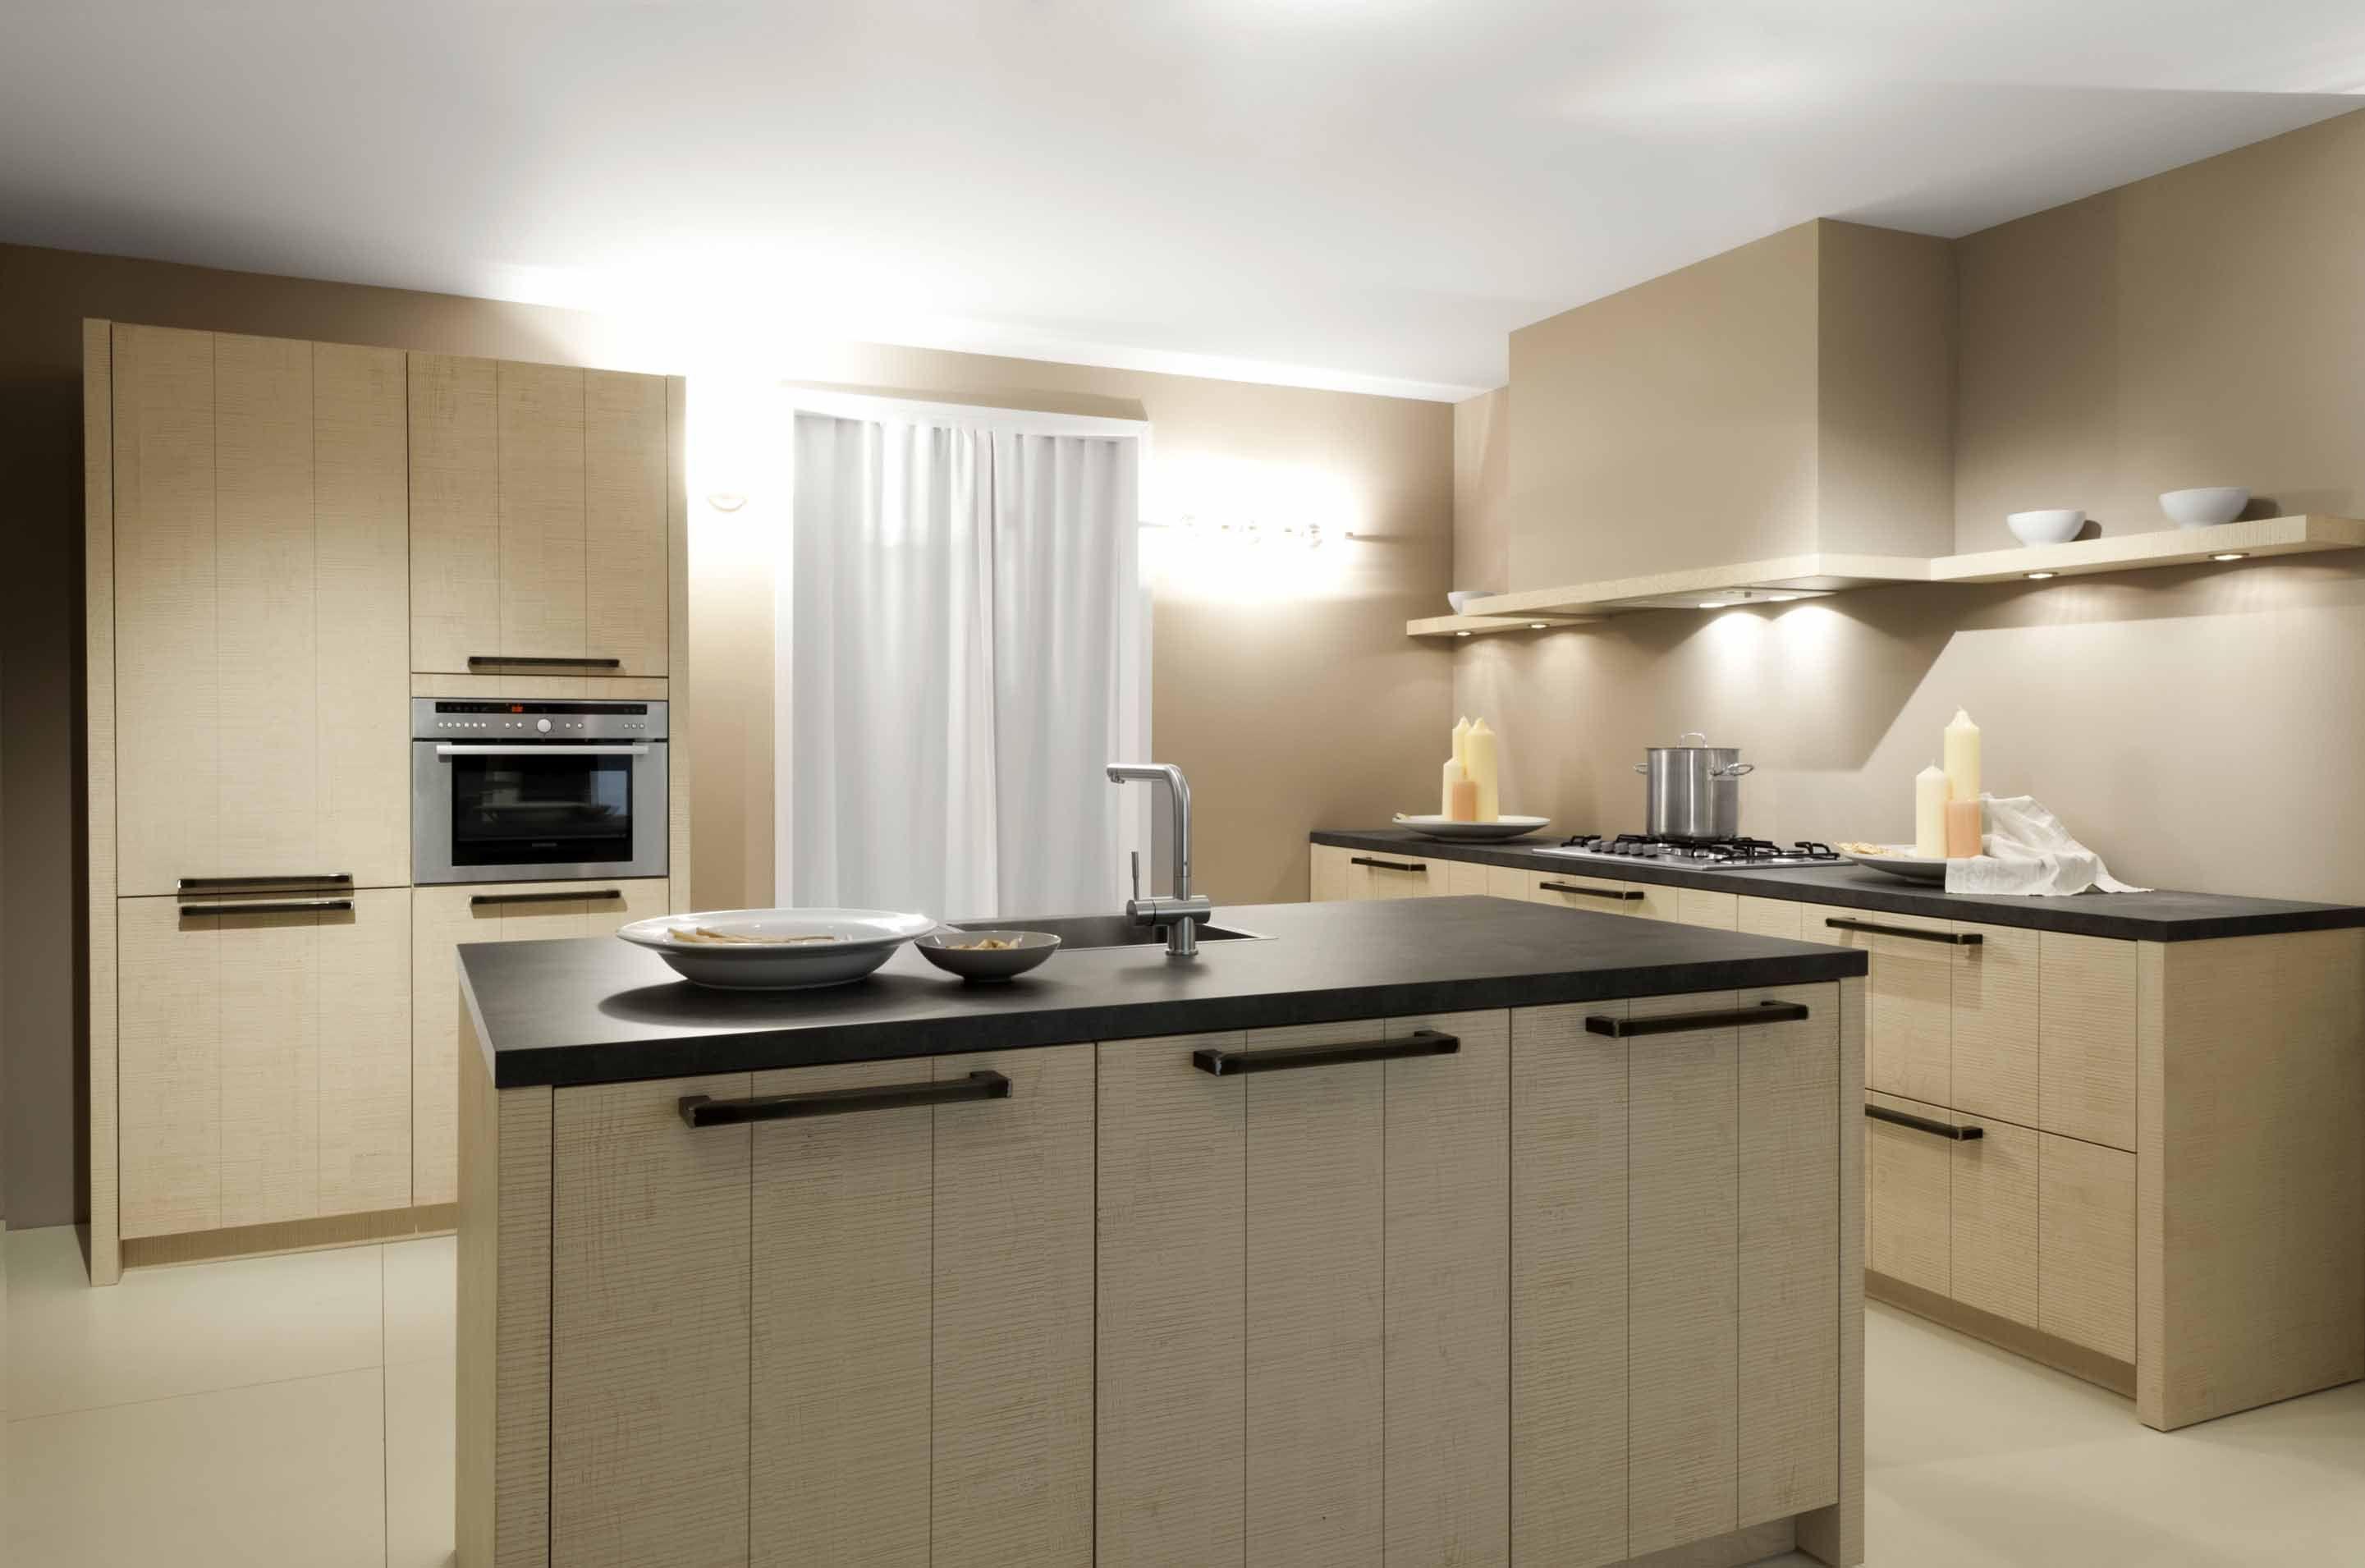 Keukeneiland tafel: moderne keukens voorbeelden inspiratie foto s ...